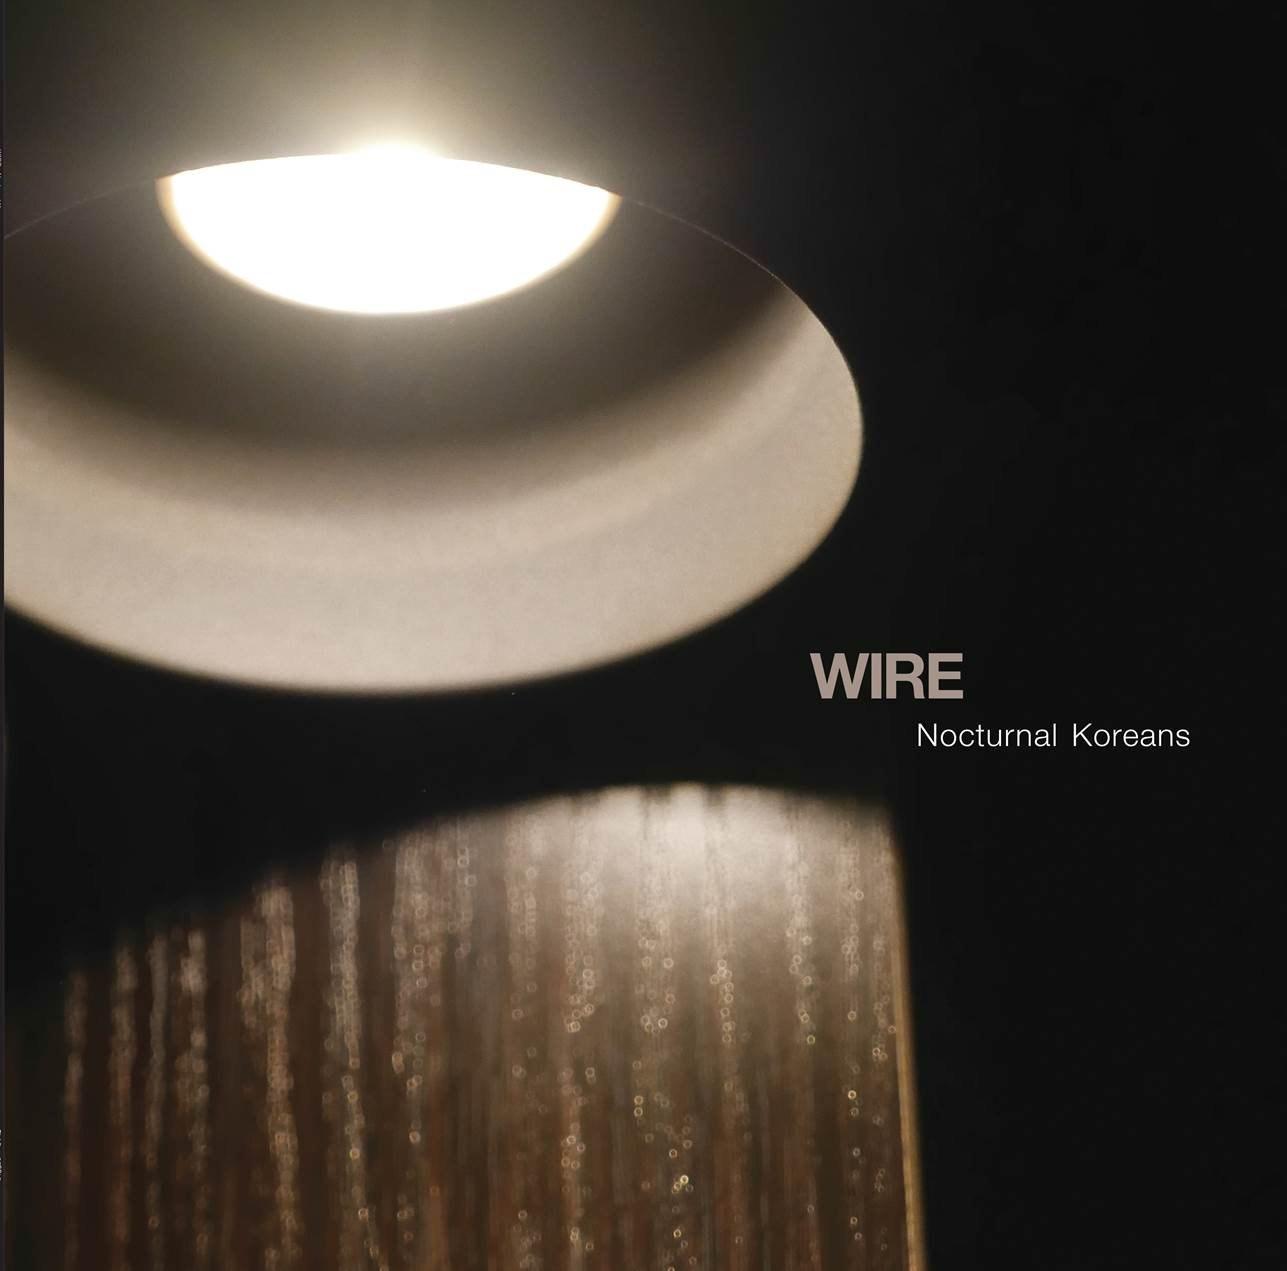 Wire Nocturnal korean